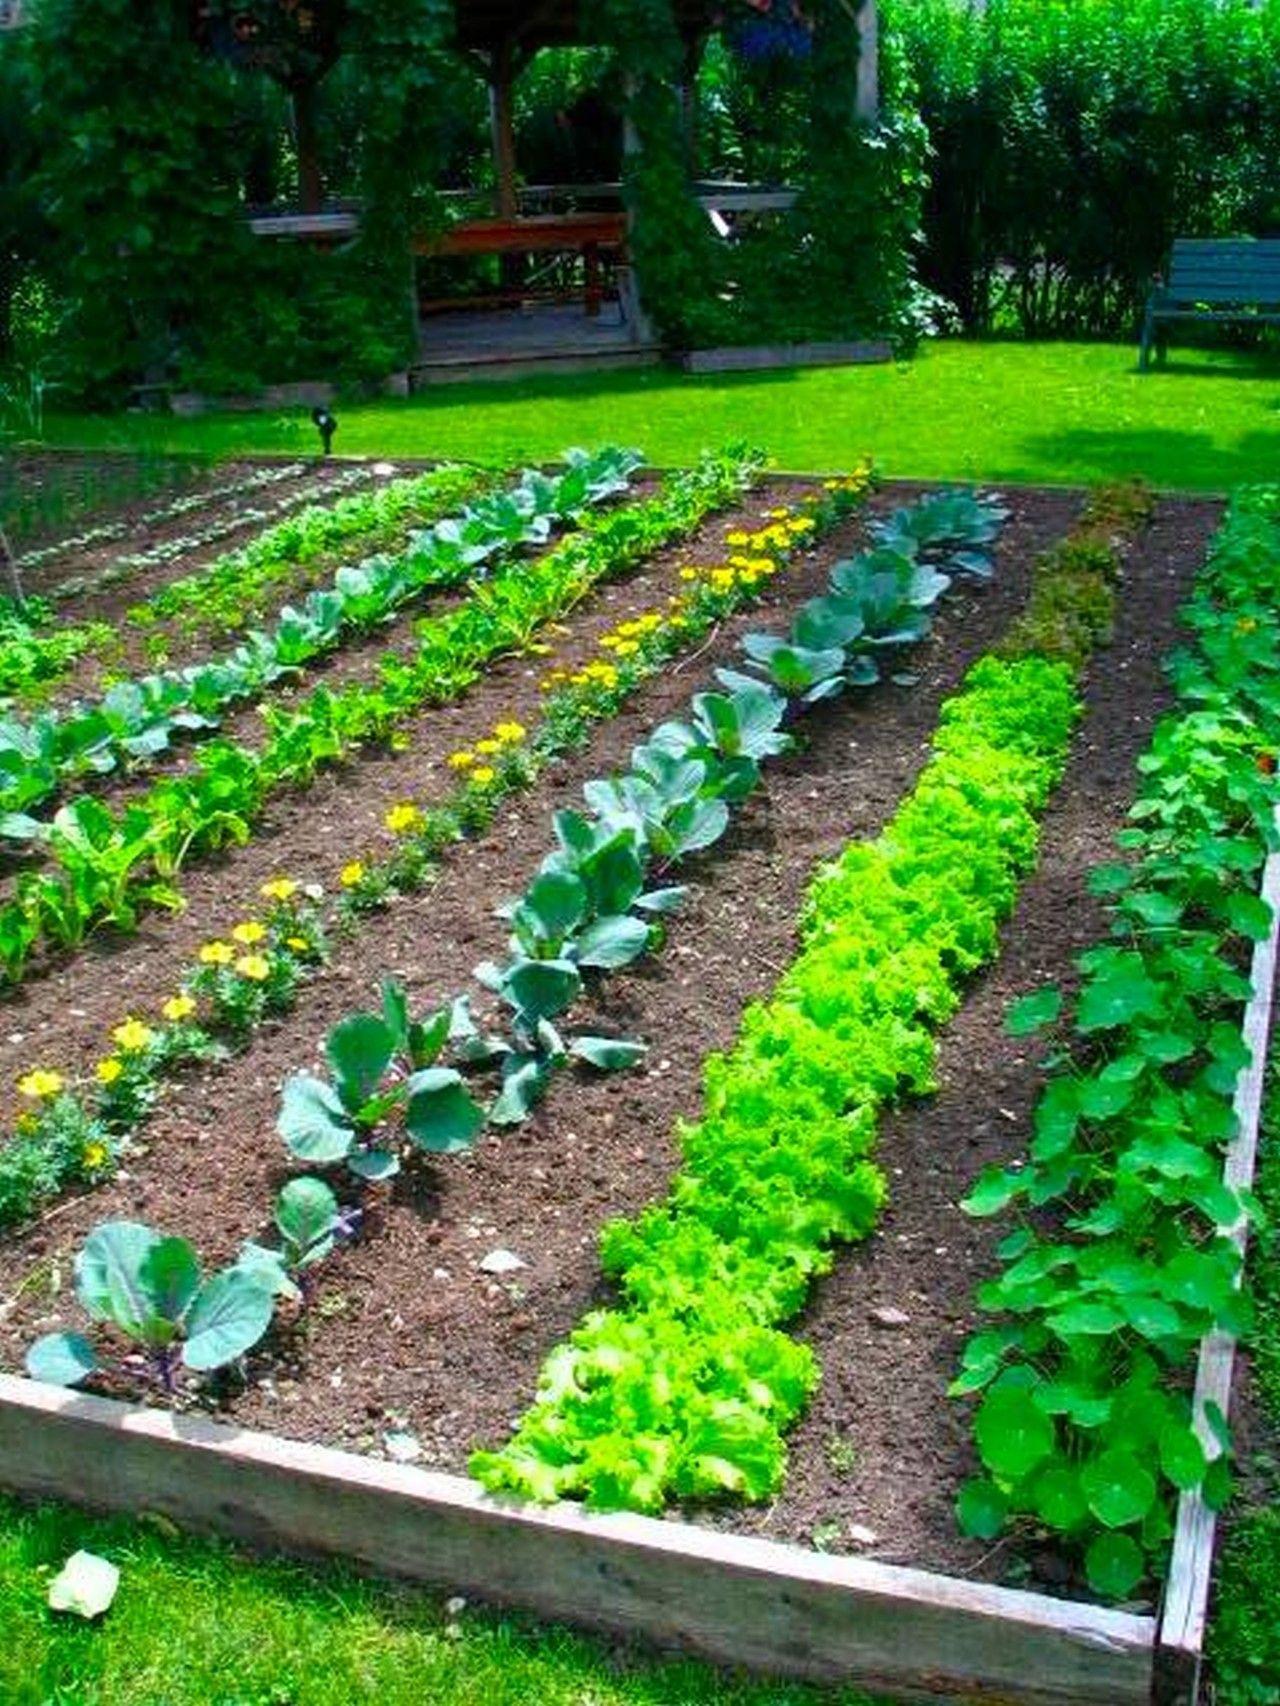 Delectable Backyard Garden Designs Pictures Artistry Licious Beautiful  Backyards Terrific Matter Nuance, Backyard Vegetable Garden Design Pl.. - Delectable Backyard Garden Designs Pictures Artistry Licious